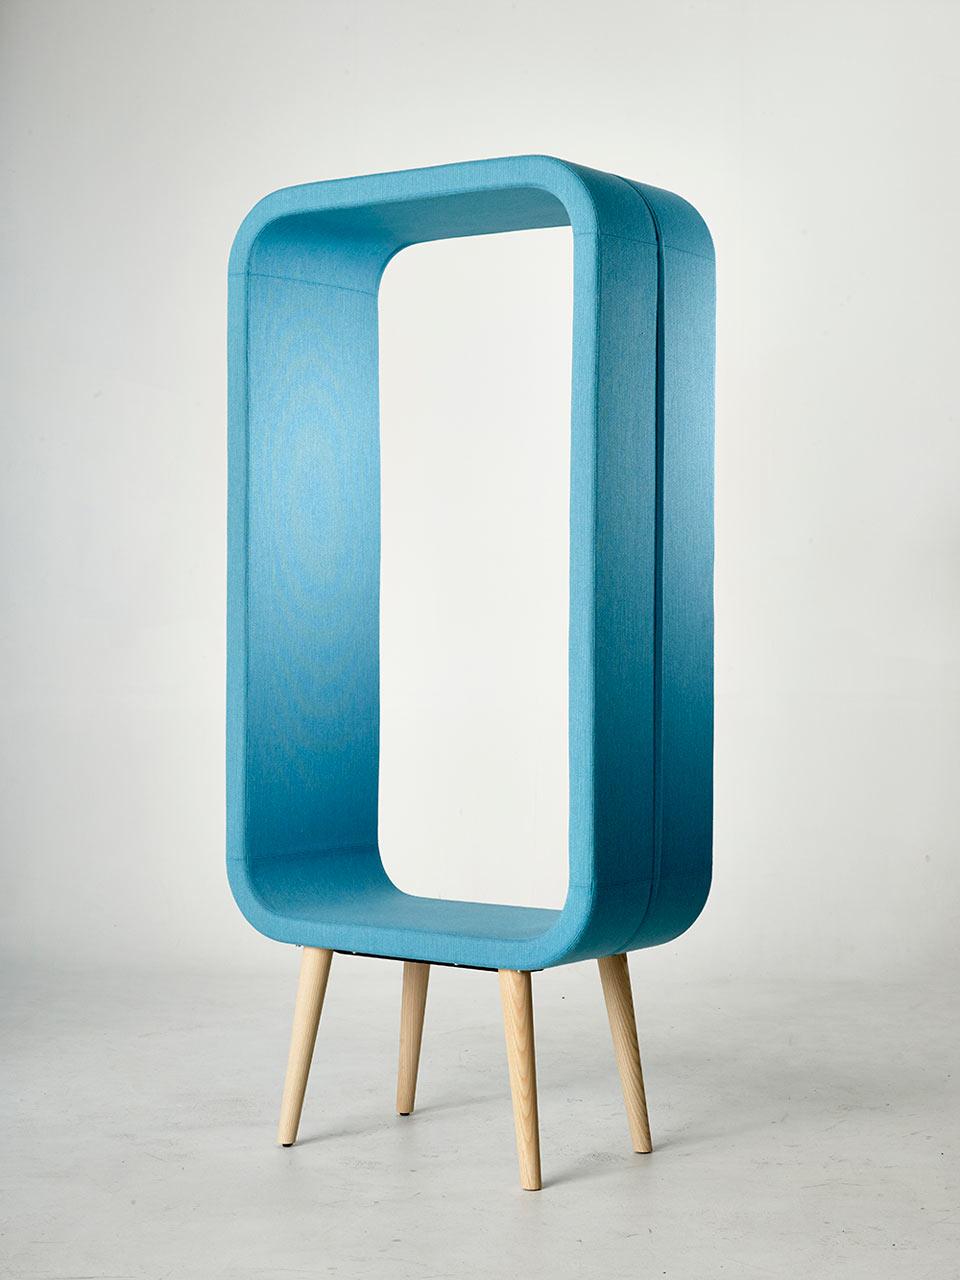 Frame-Chair-Ola-Giertz-Materia-2